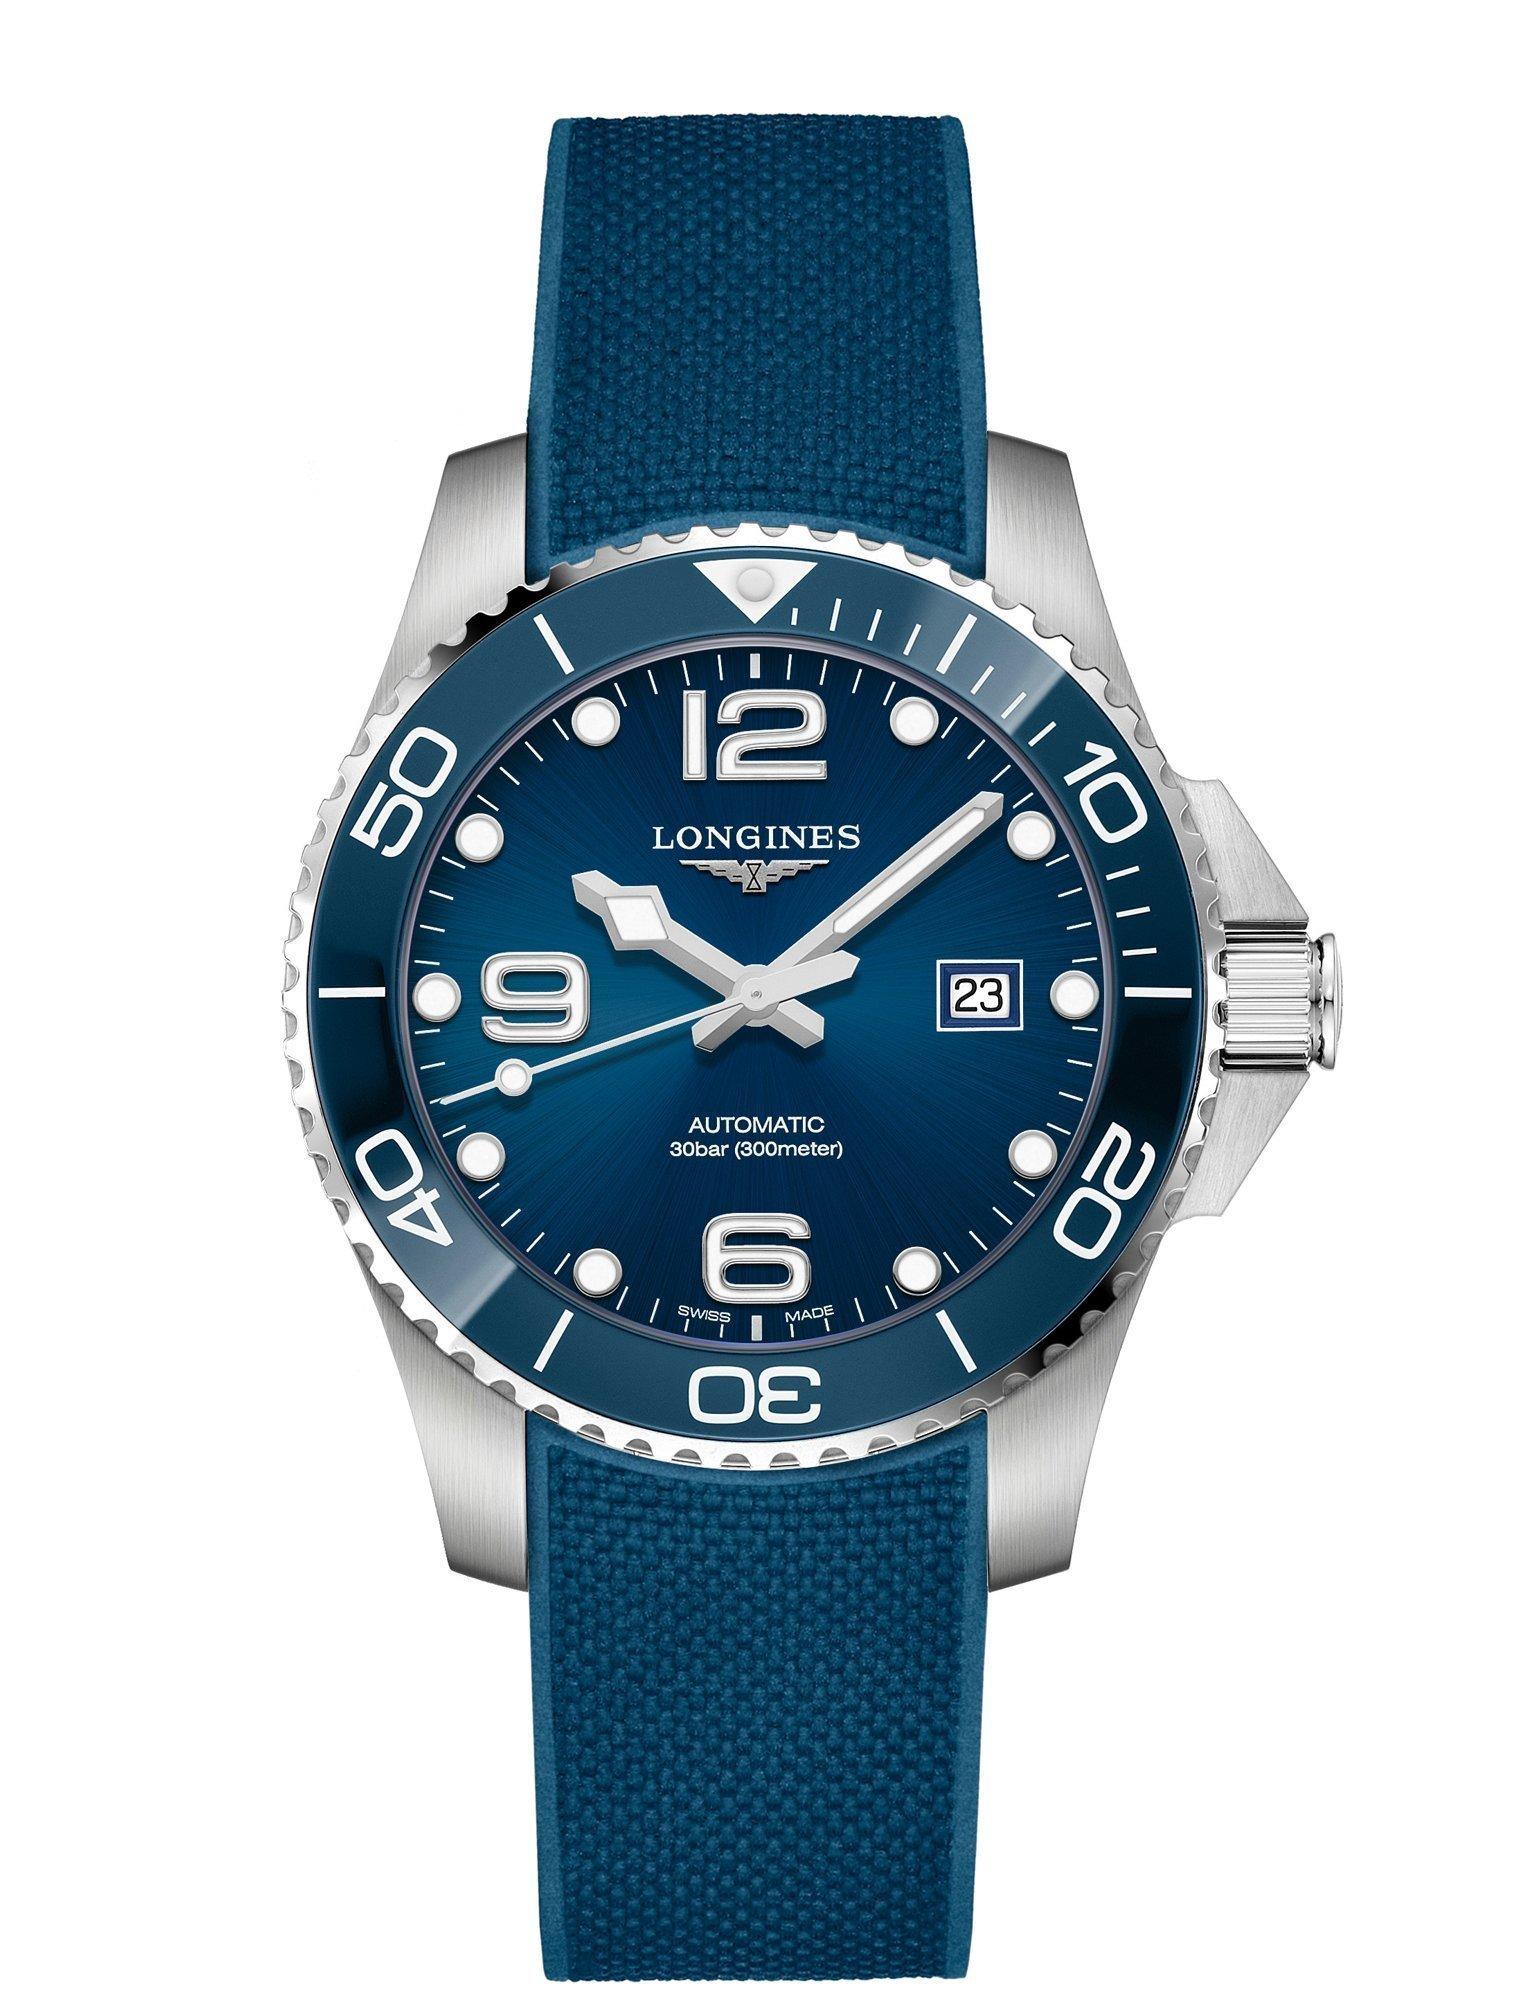 Caucho Hydroconquest Hydroconquest Longines Longines 43 Azul 43 Azul Caucho TlJc3FK1